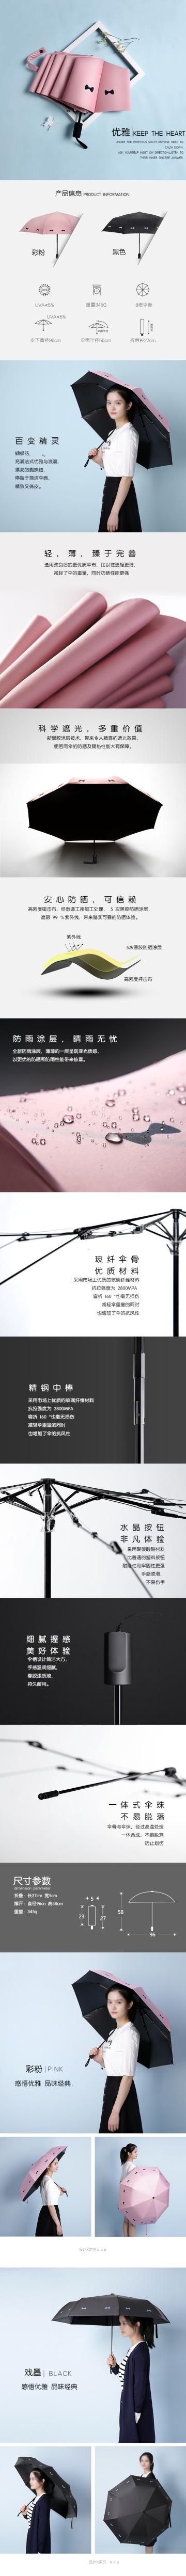 简约文艺百货零售家居生活折叠雨伞促销电商详情页